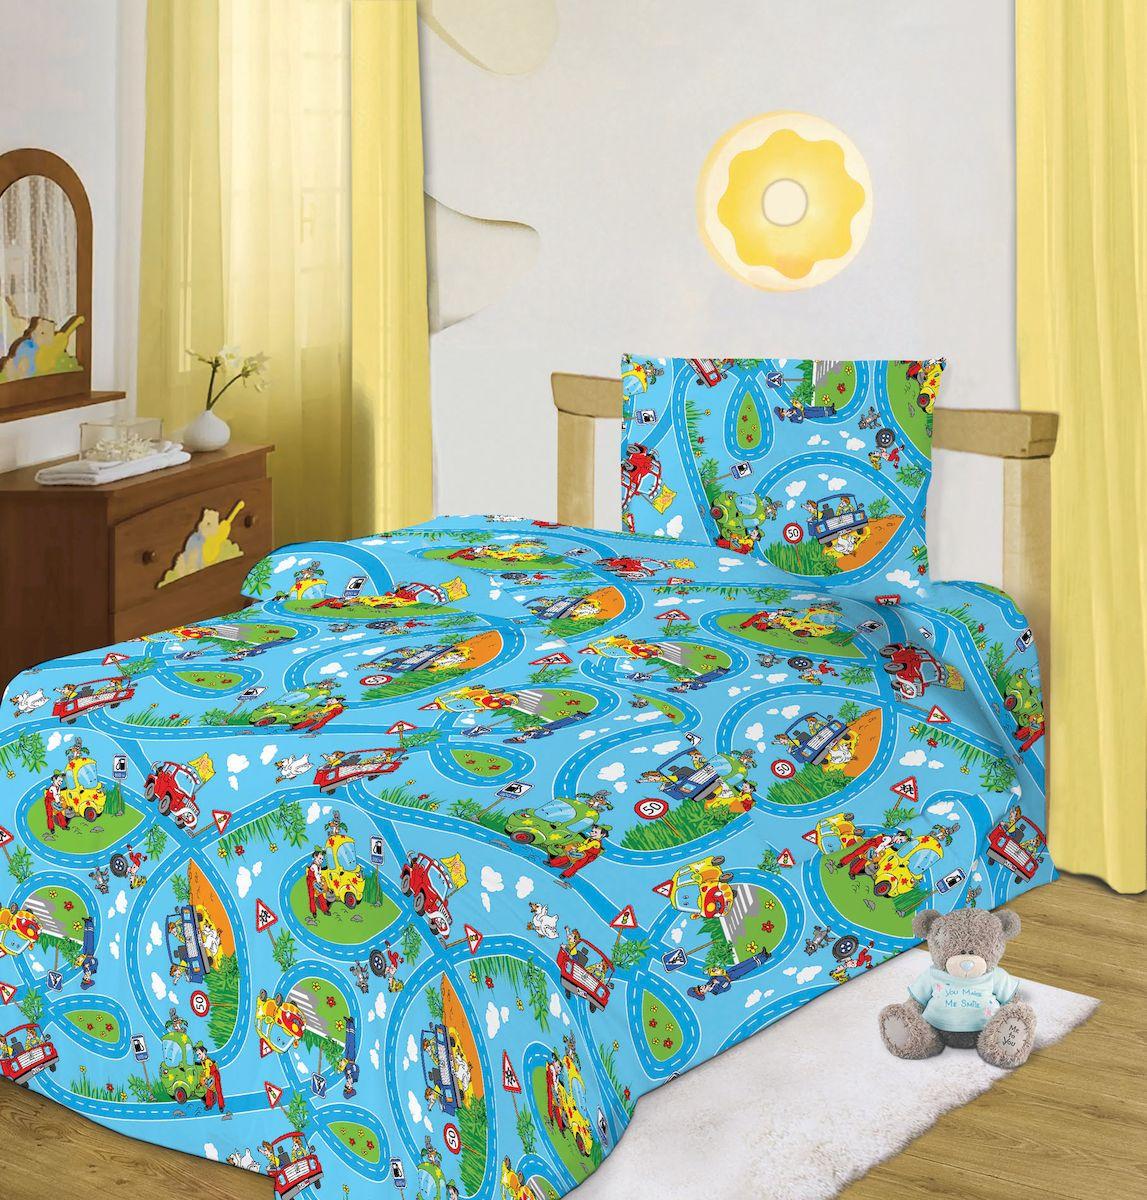 Комплект детского постельного белья Кошки-мышки